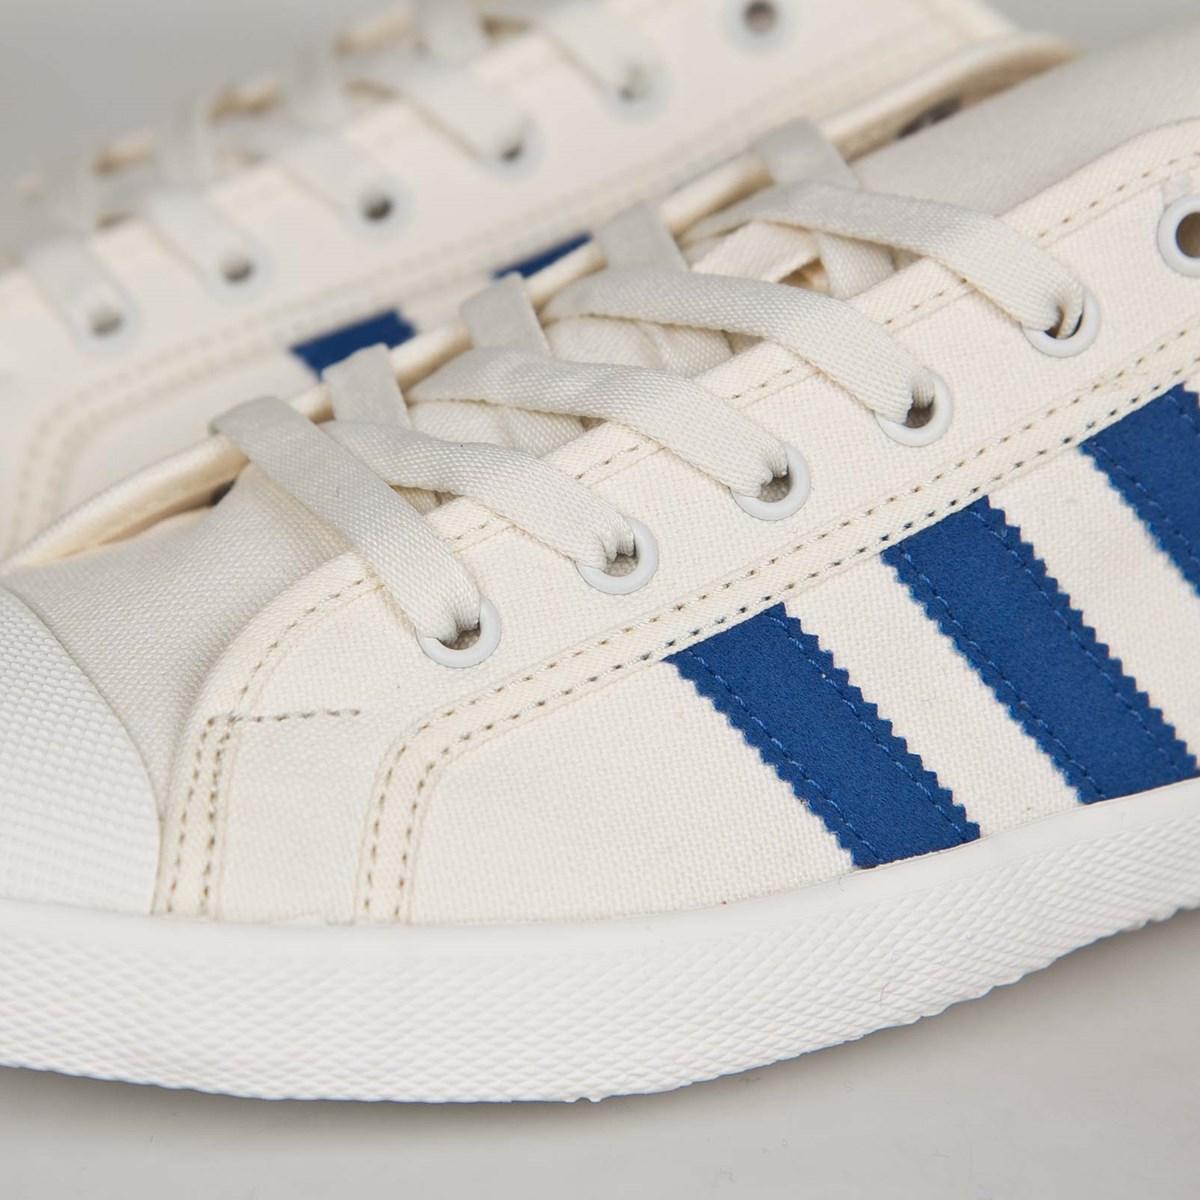 finest selection fbb86 ad80e adidas Adria SPZL - B26026 - Sneakersnstuff  sneakers  streetwear online  since 1999